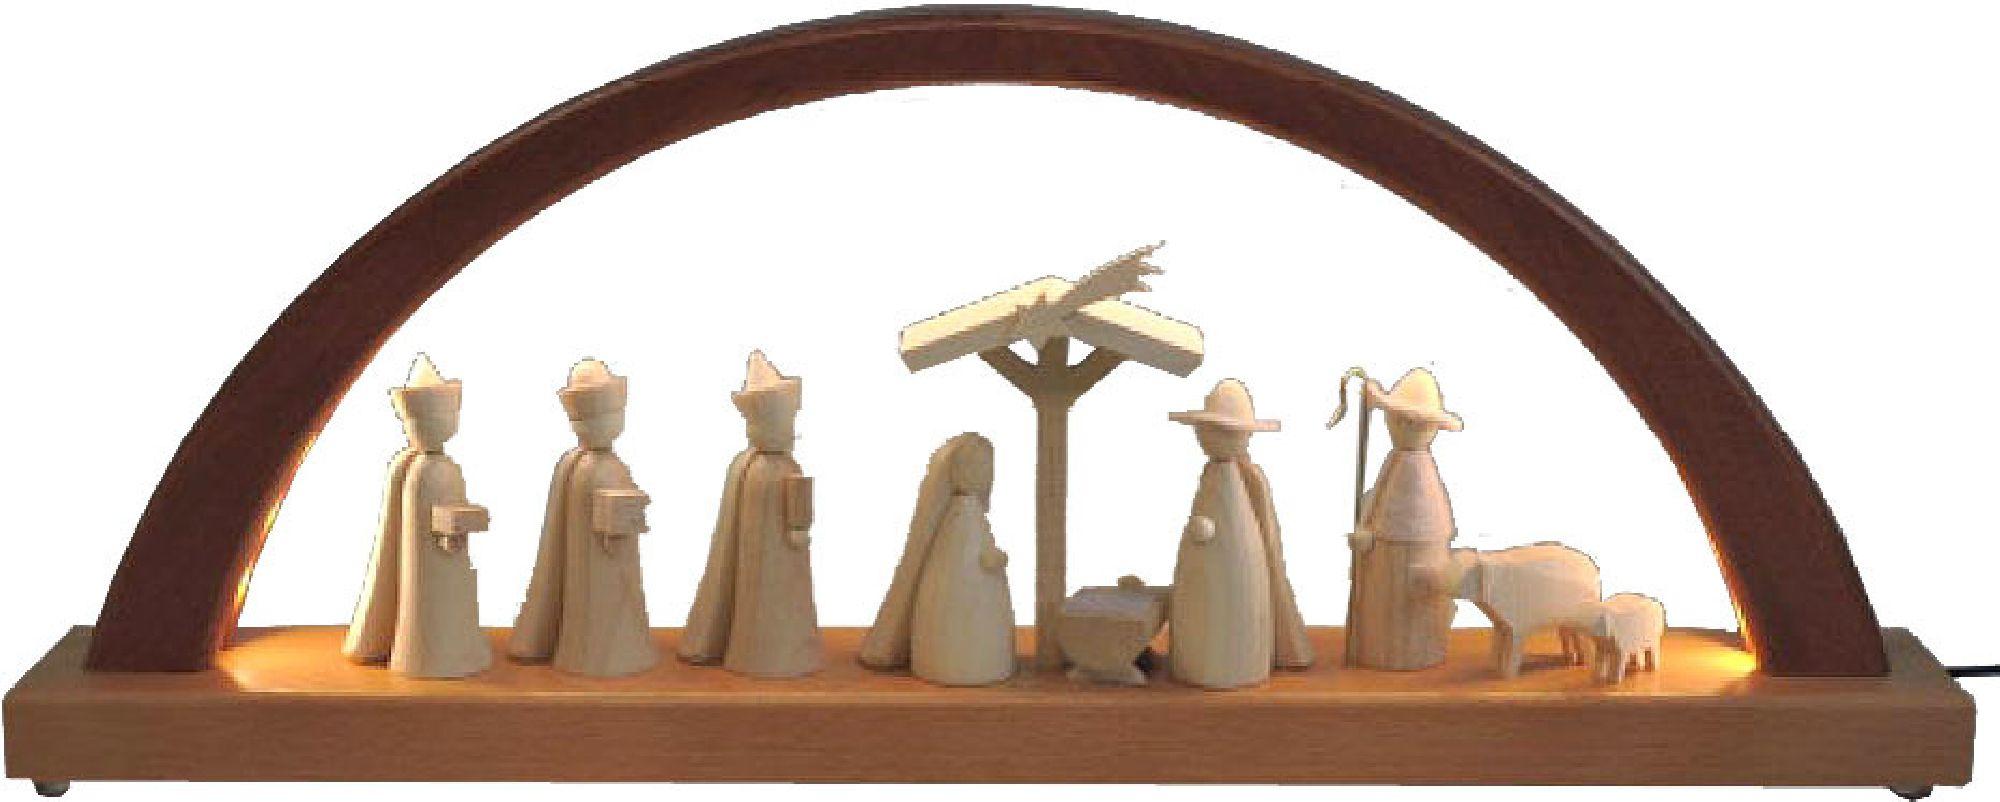 Schwibbogen LED neues Design Christi Geburt